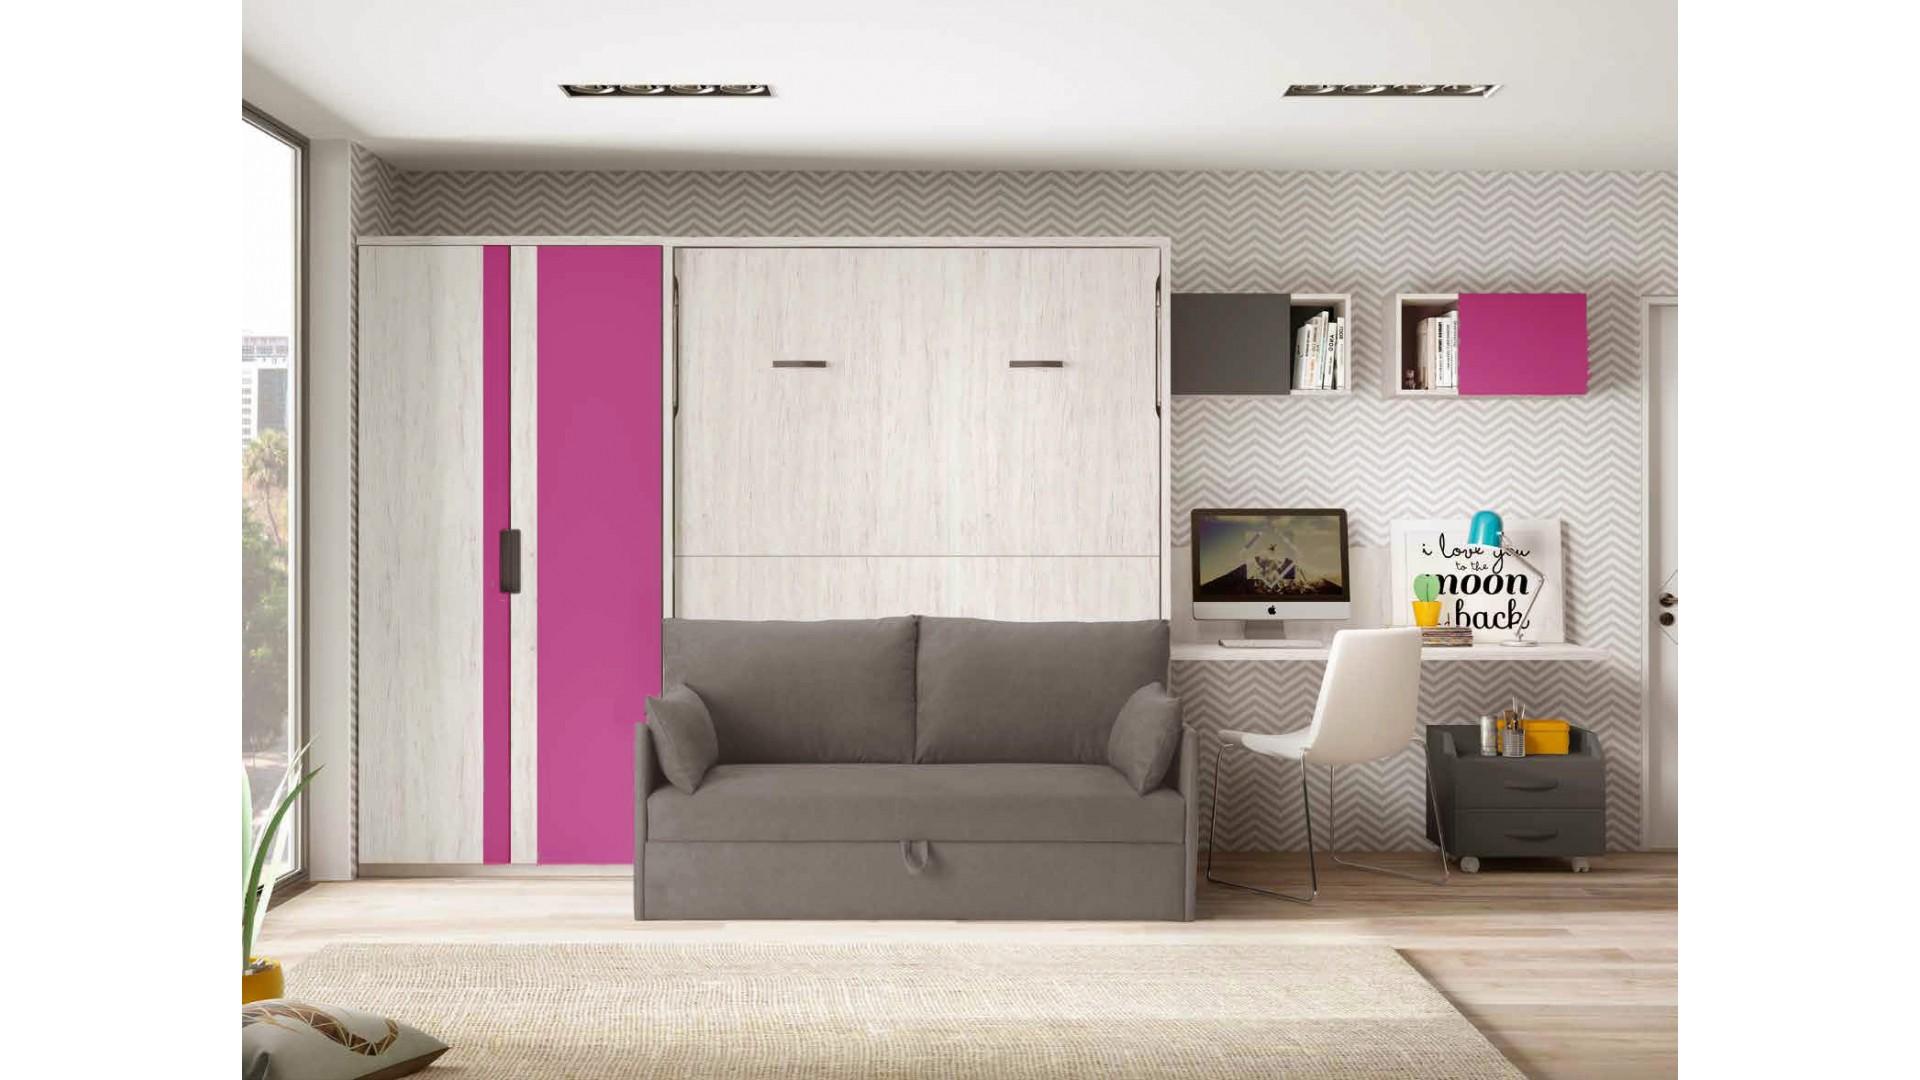 lit escamotable 2 personnes avec canape personnalisable f423 glicerio